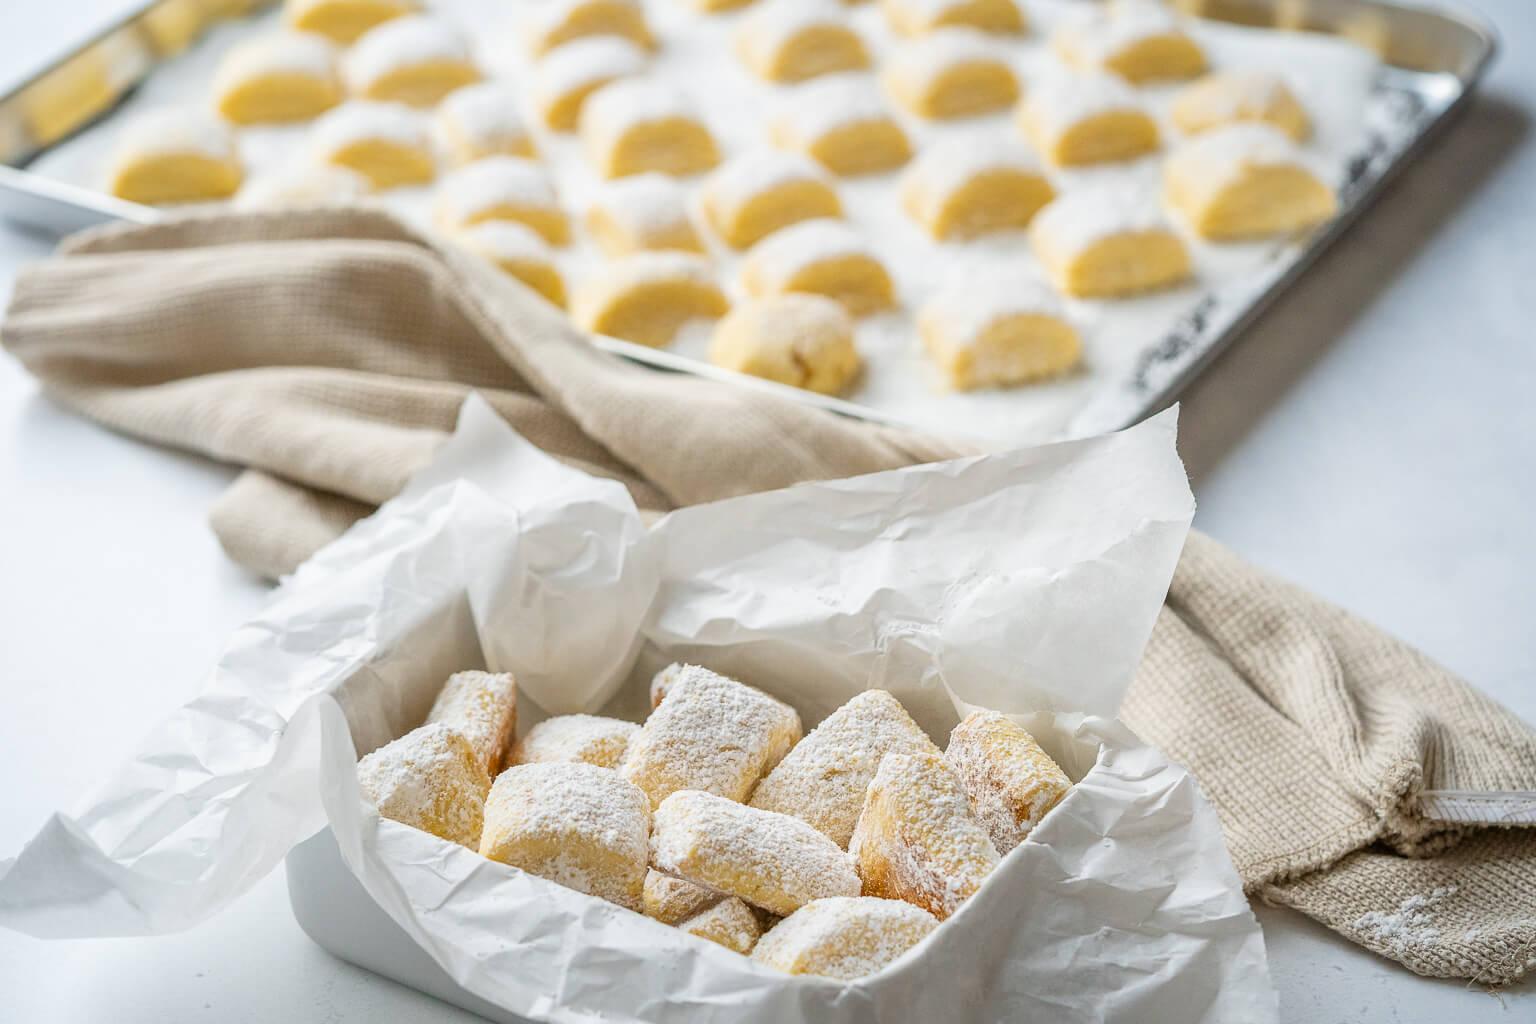 Alle lieben die Traumstücke - zauberhaftes Buttergebäck mit nur 6 Zutaten